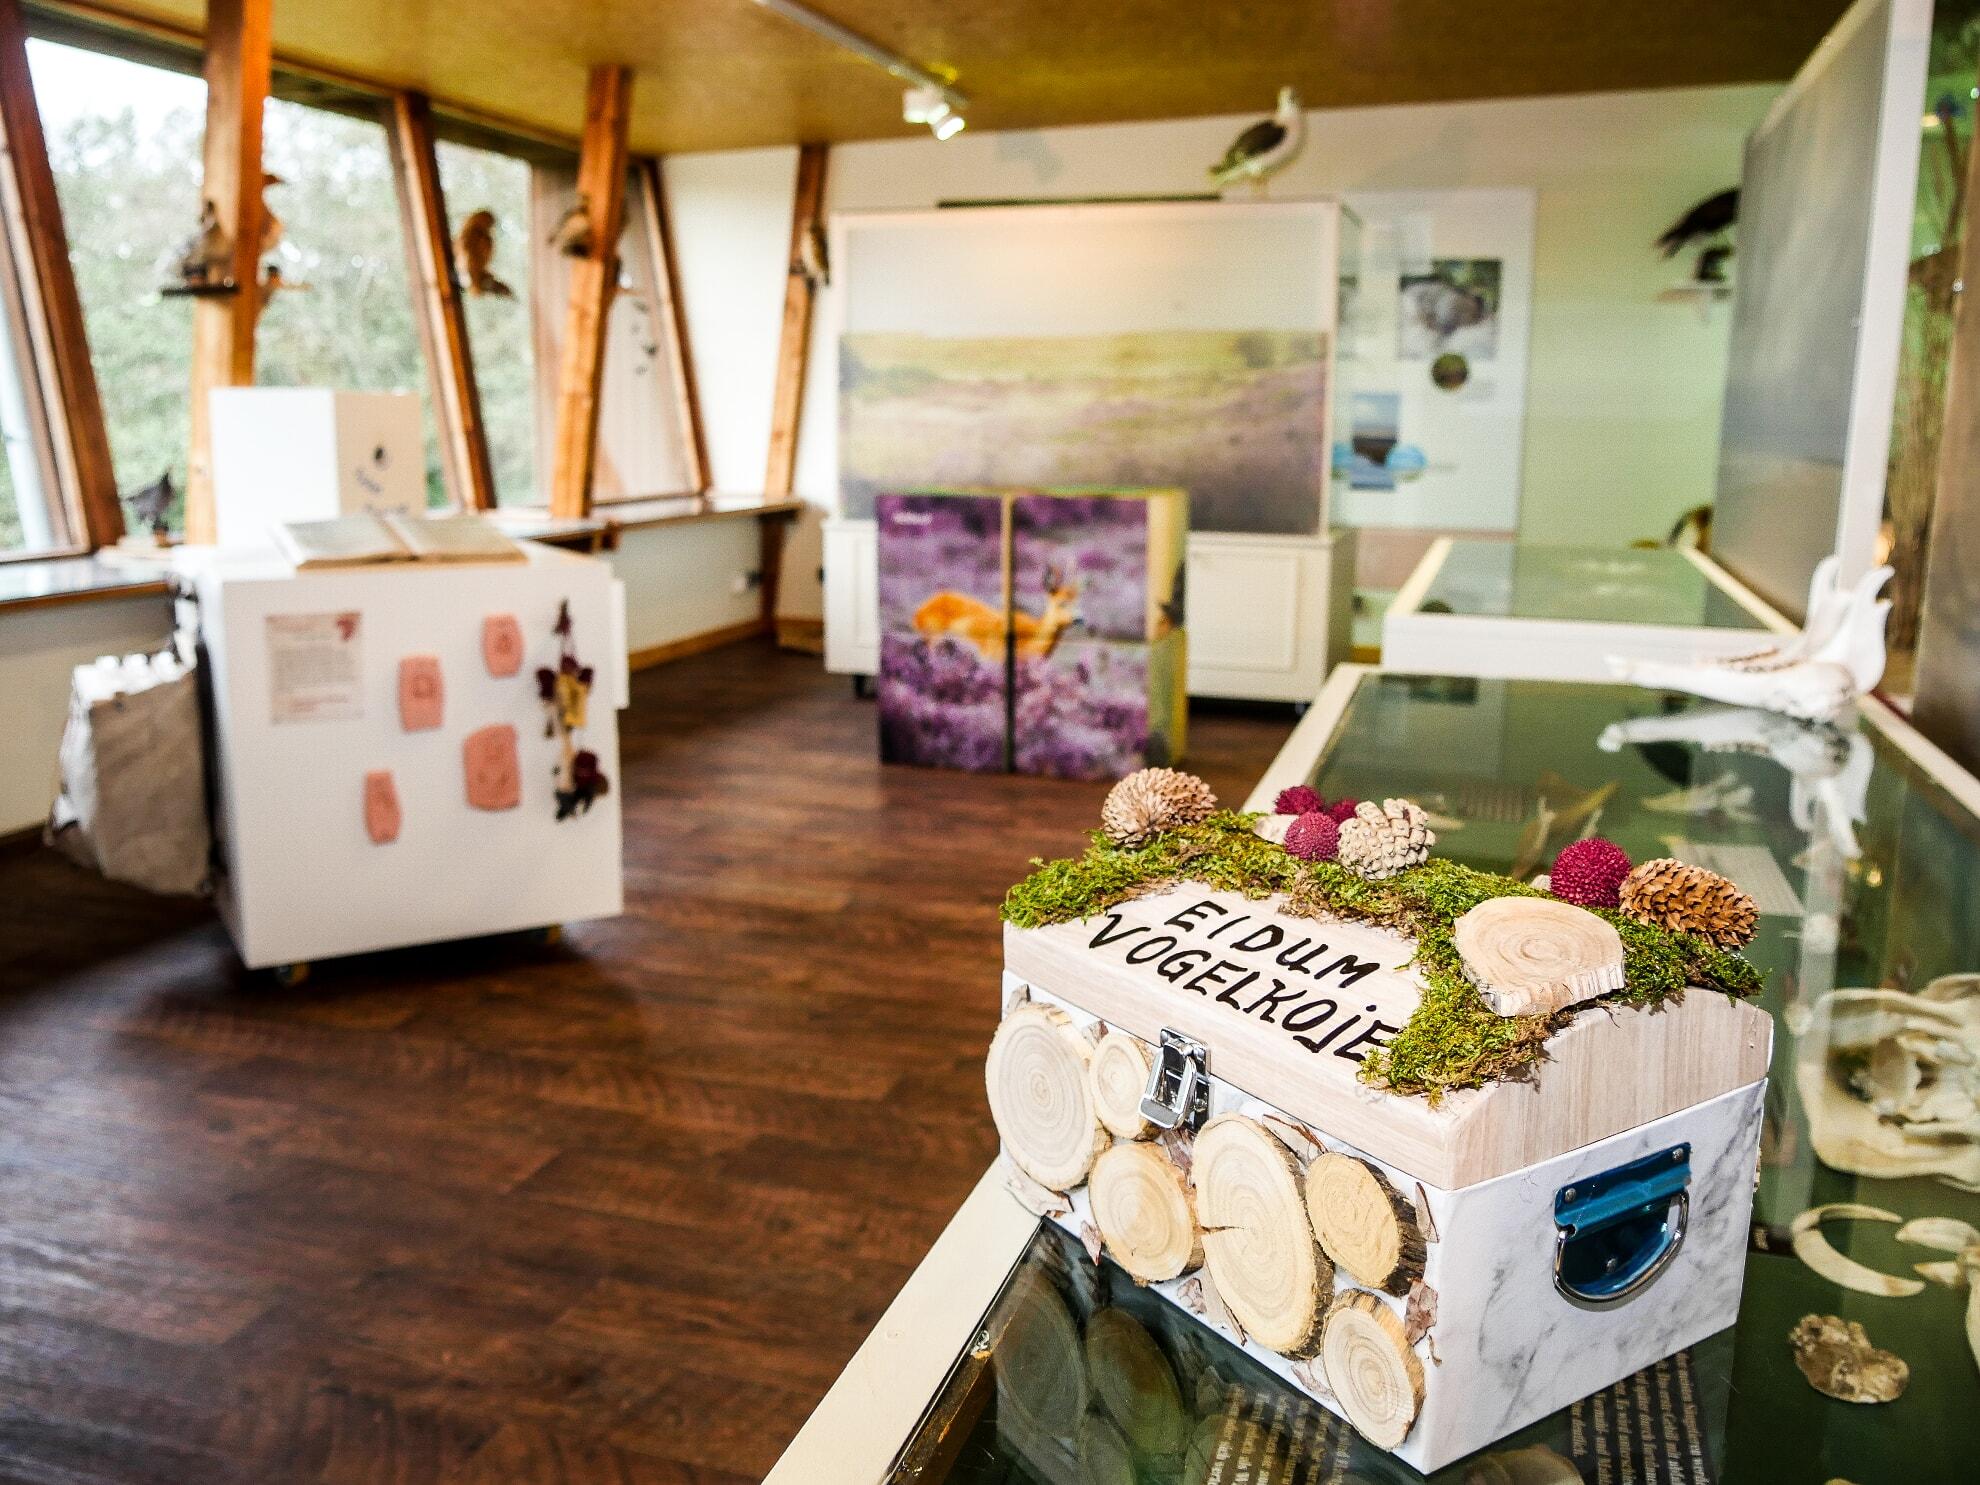 Ausstellung in der Eidum Vogelkoje